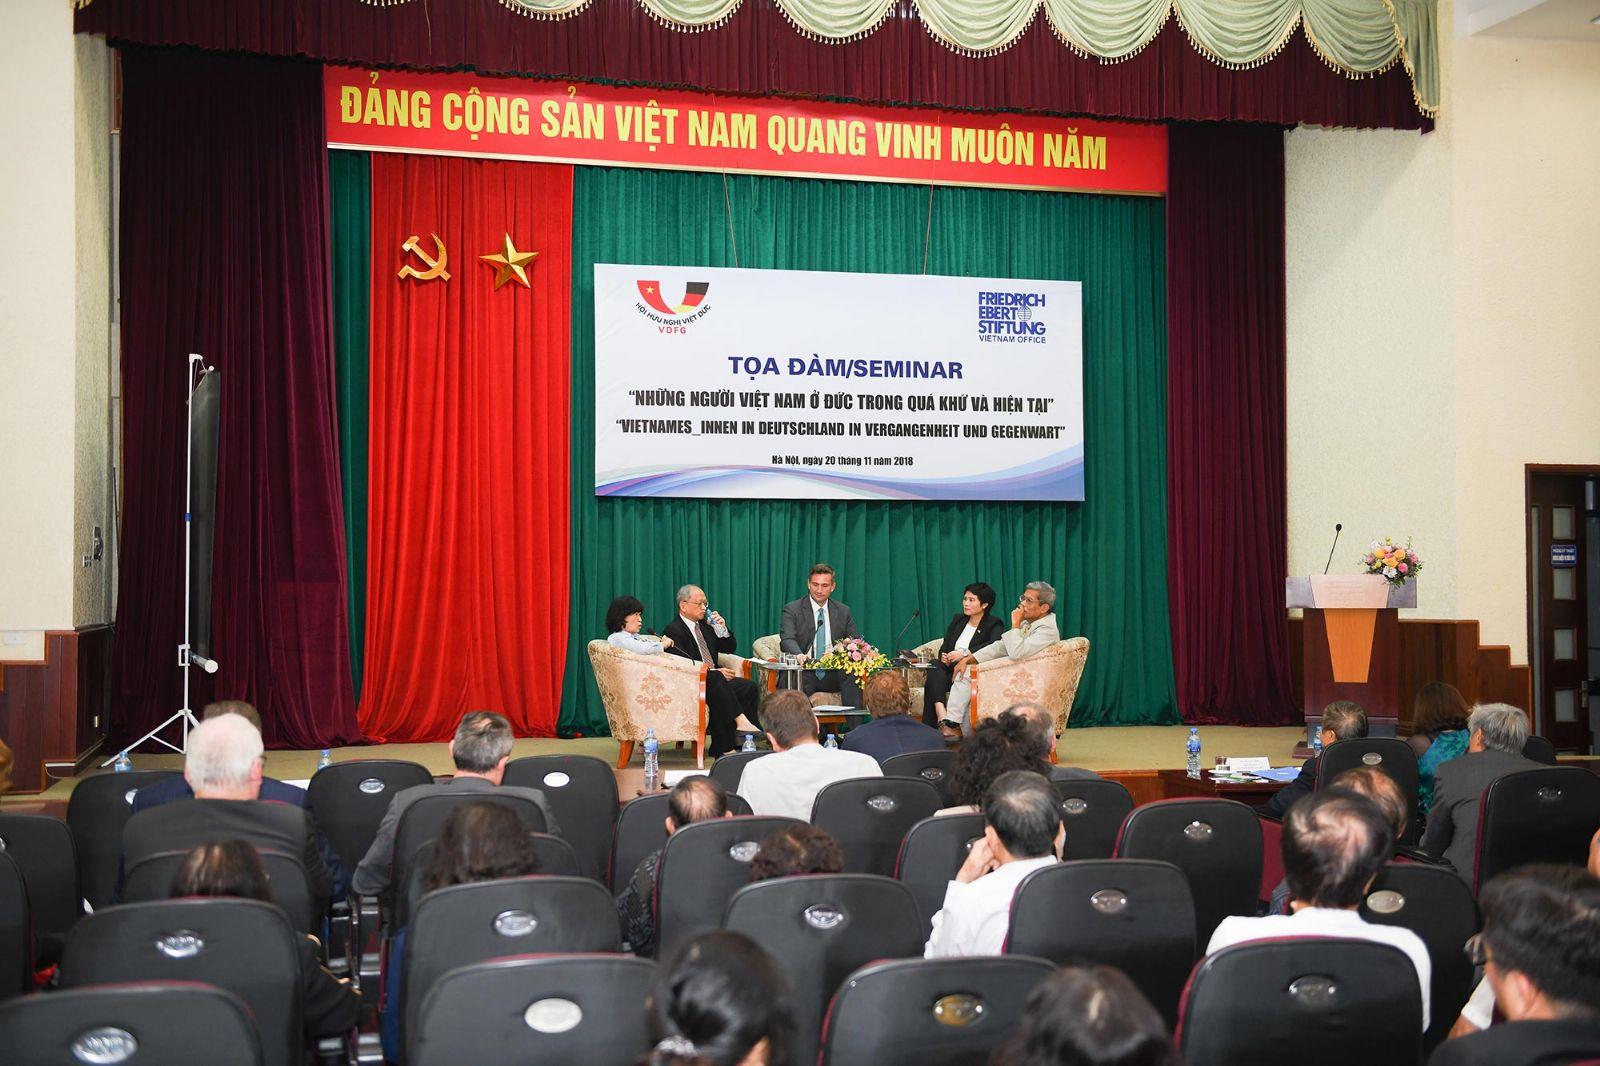 Triển lãm Quốc tế chuyên ngành Y Dược - Vietnam Medipharm Expo 2018 lần thứ 25 tại Hà Nội